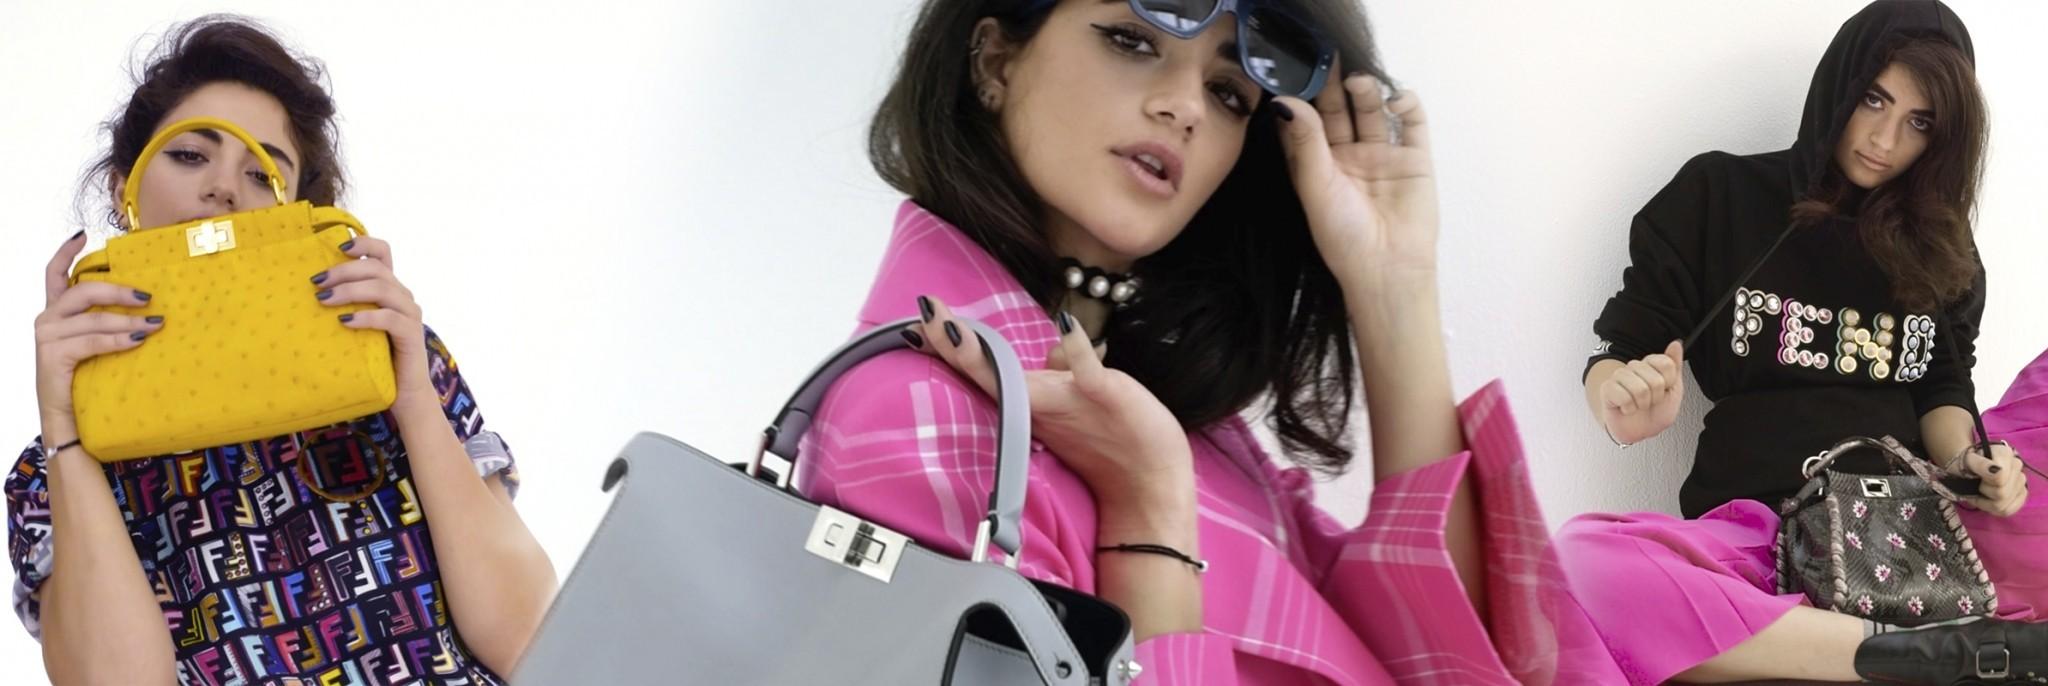 Fendi's 'Peekaboo' Bag, Served with a Side of Rebel Cool